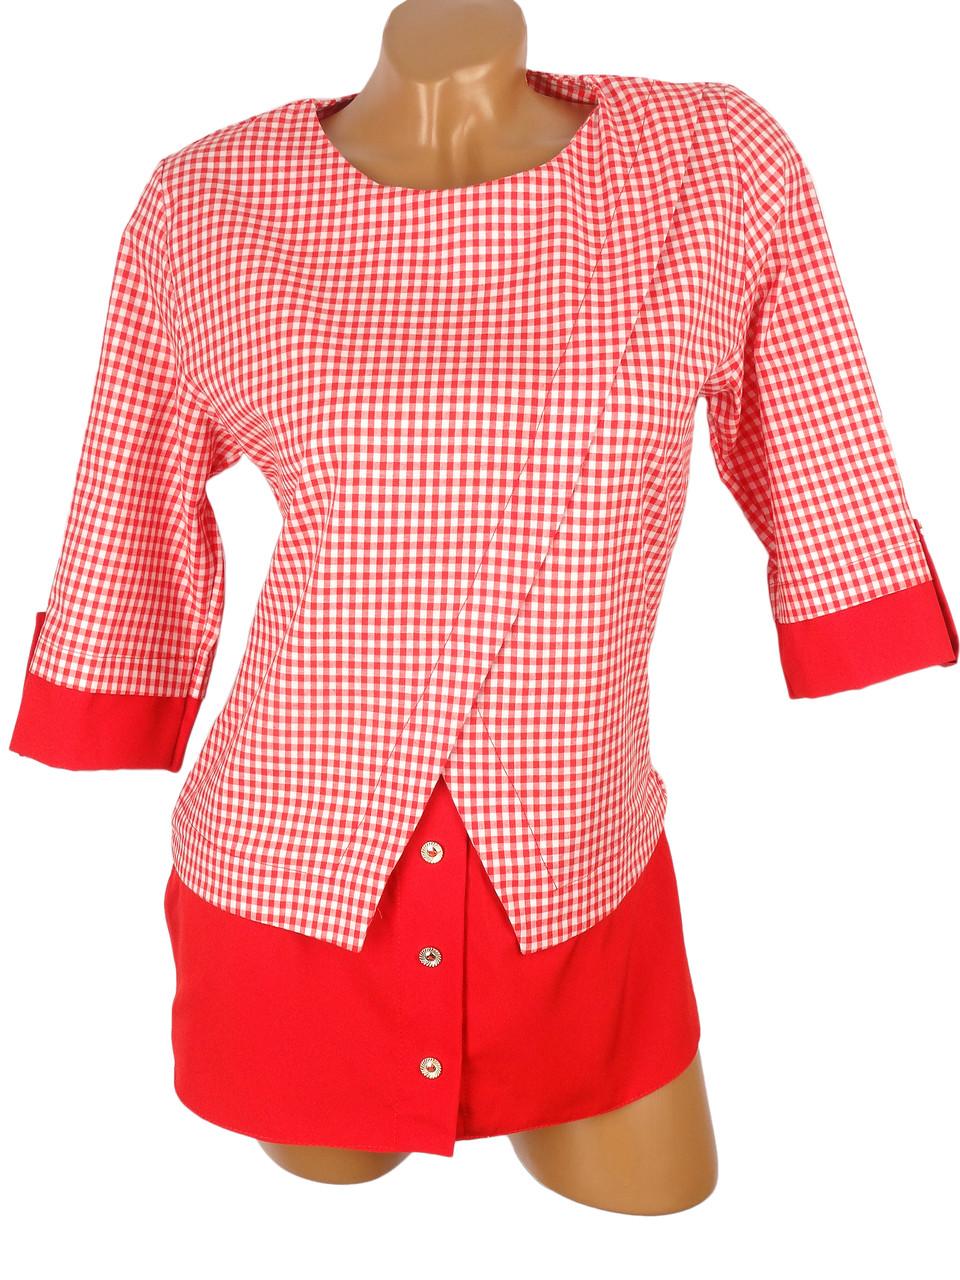 Джемпер с имитацией рубашки (в расцветках)